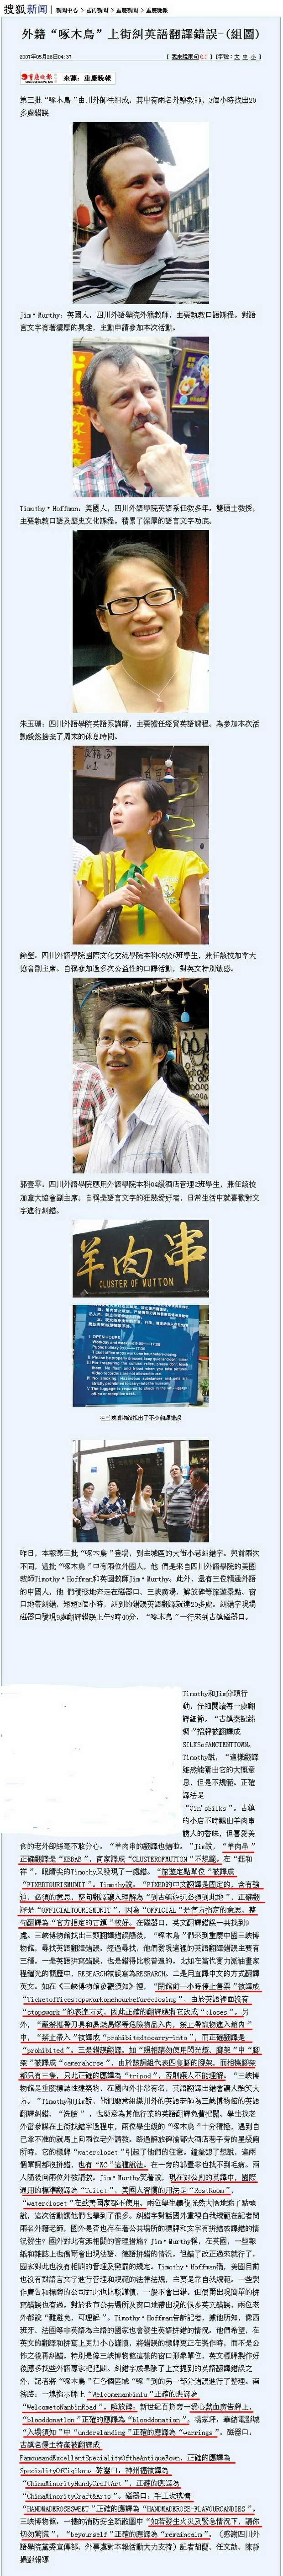 """外籍""""啄木鳥""""上街糾英語翻譯錯誤-2007.06.28"""